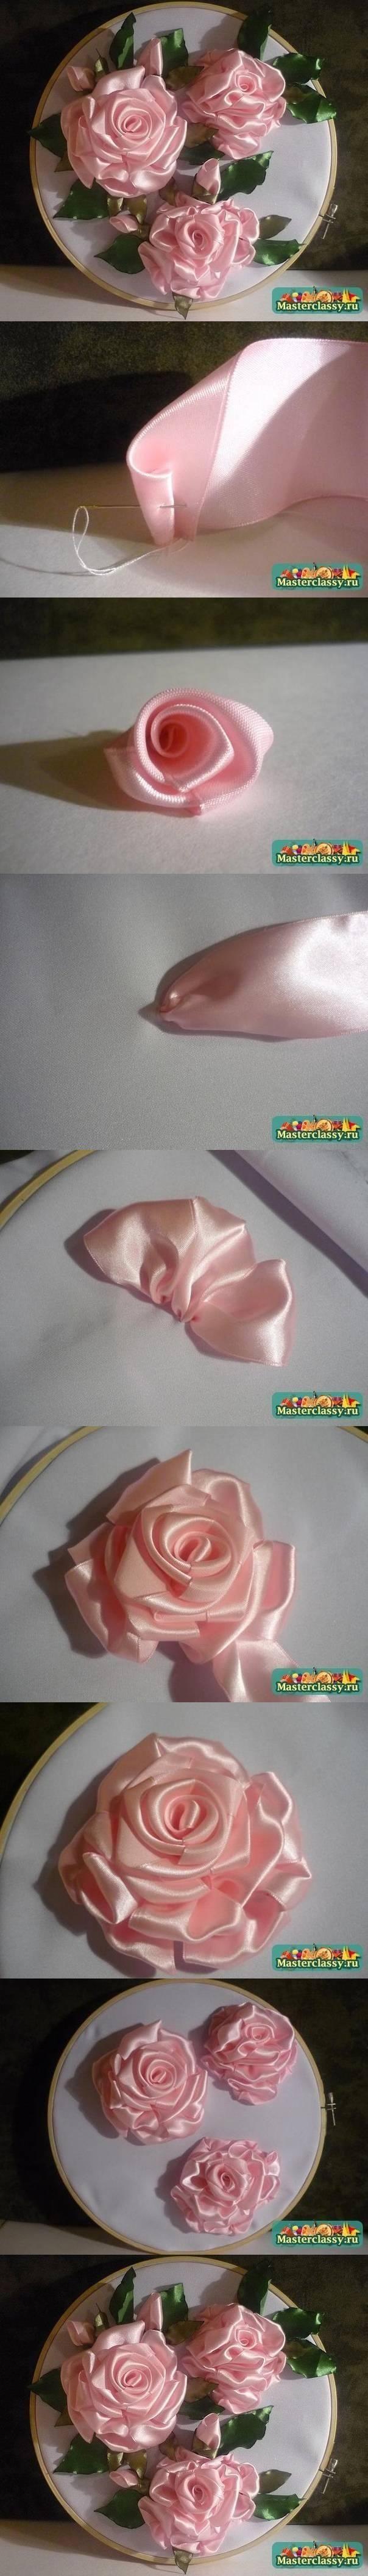 DIY Ribbon Crafts : DIY Ribbons Roses